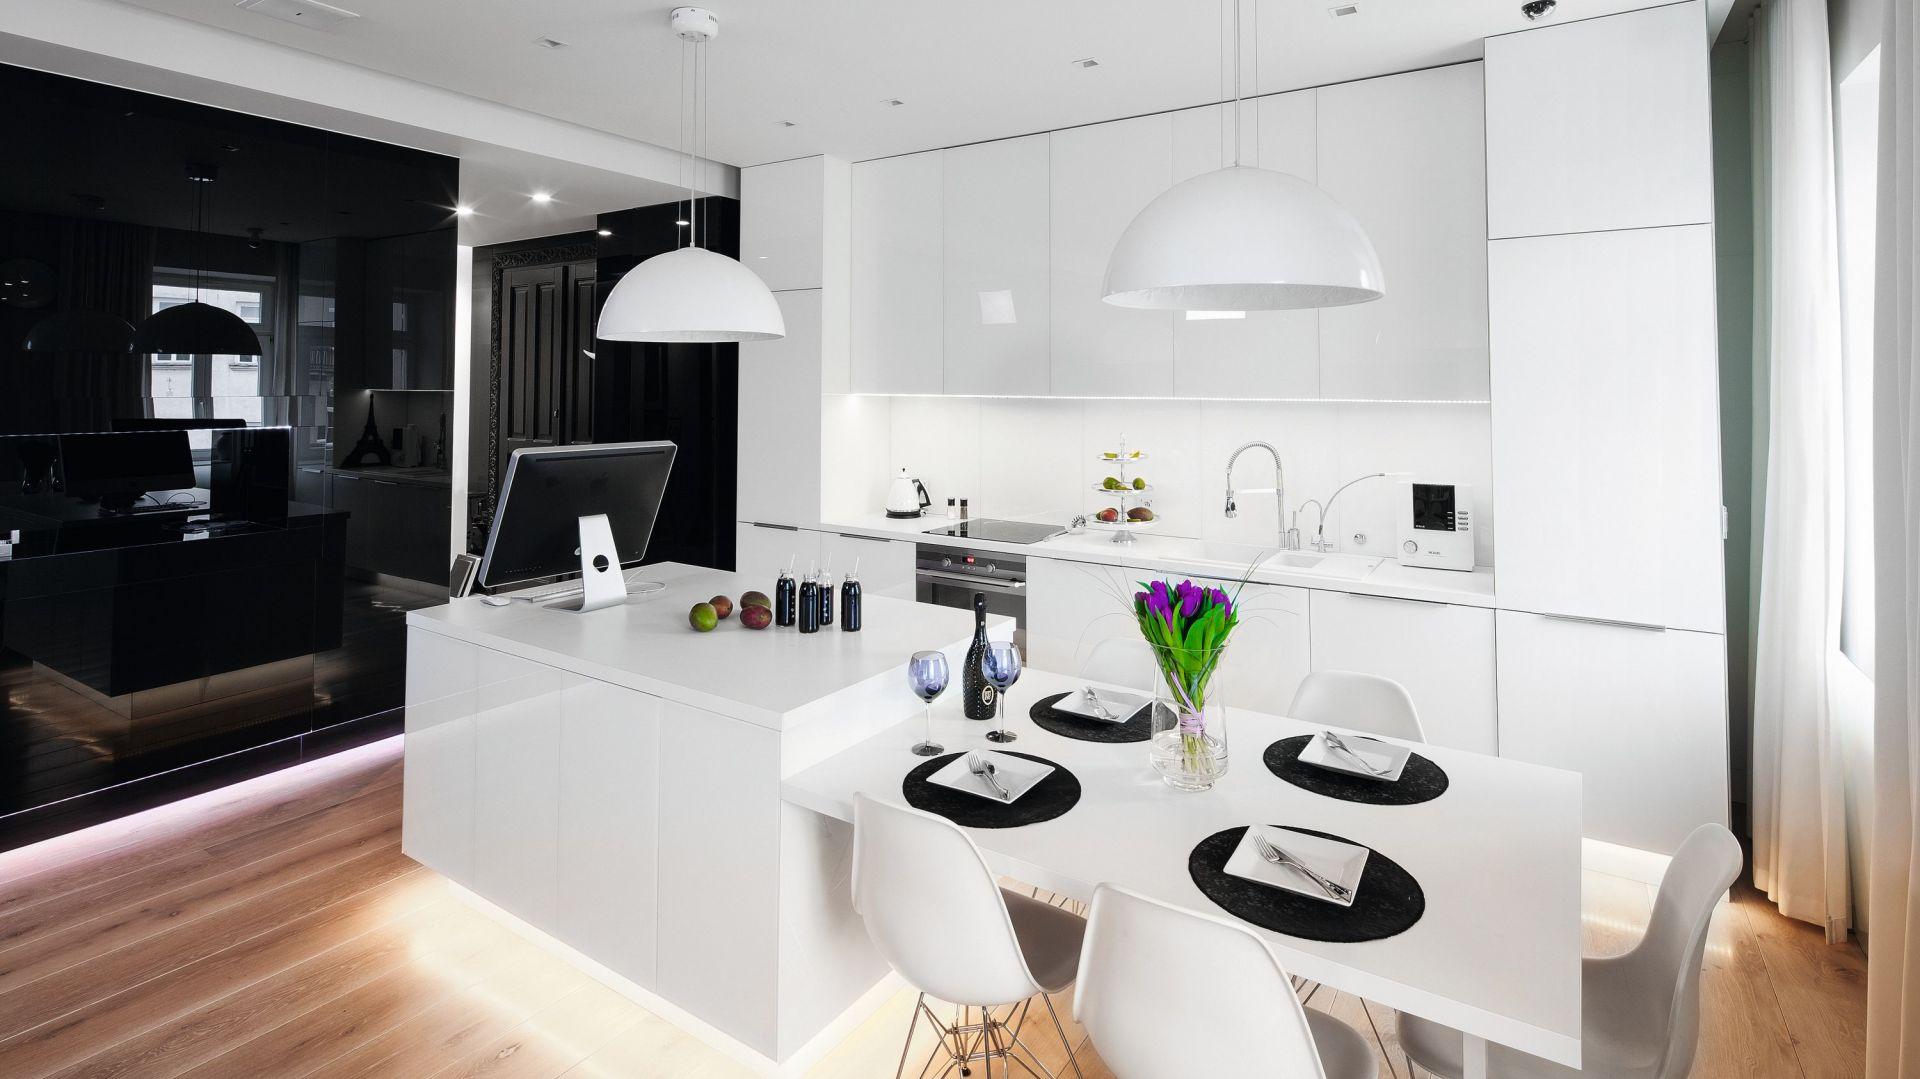 Nowoczesna biała kuchnia. Projekt Joanna Scott, Małgorzata Muc. Fot. Bartosz Jarosz.